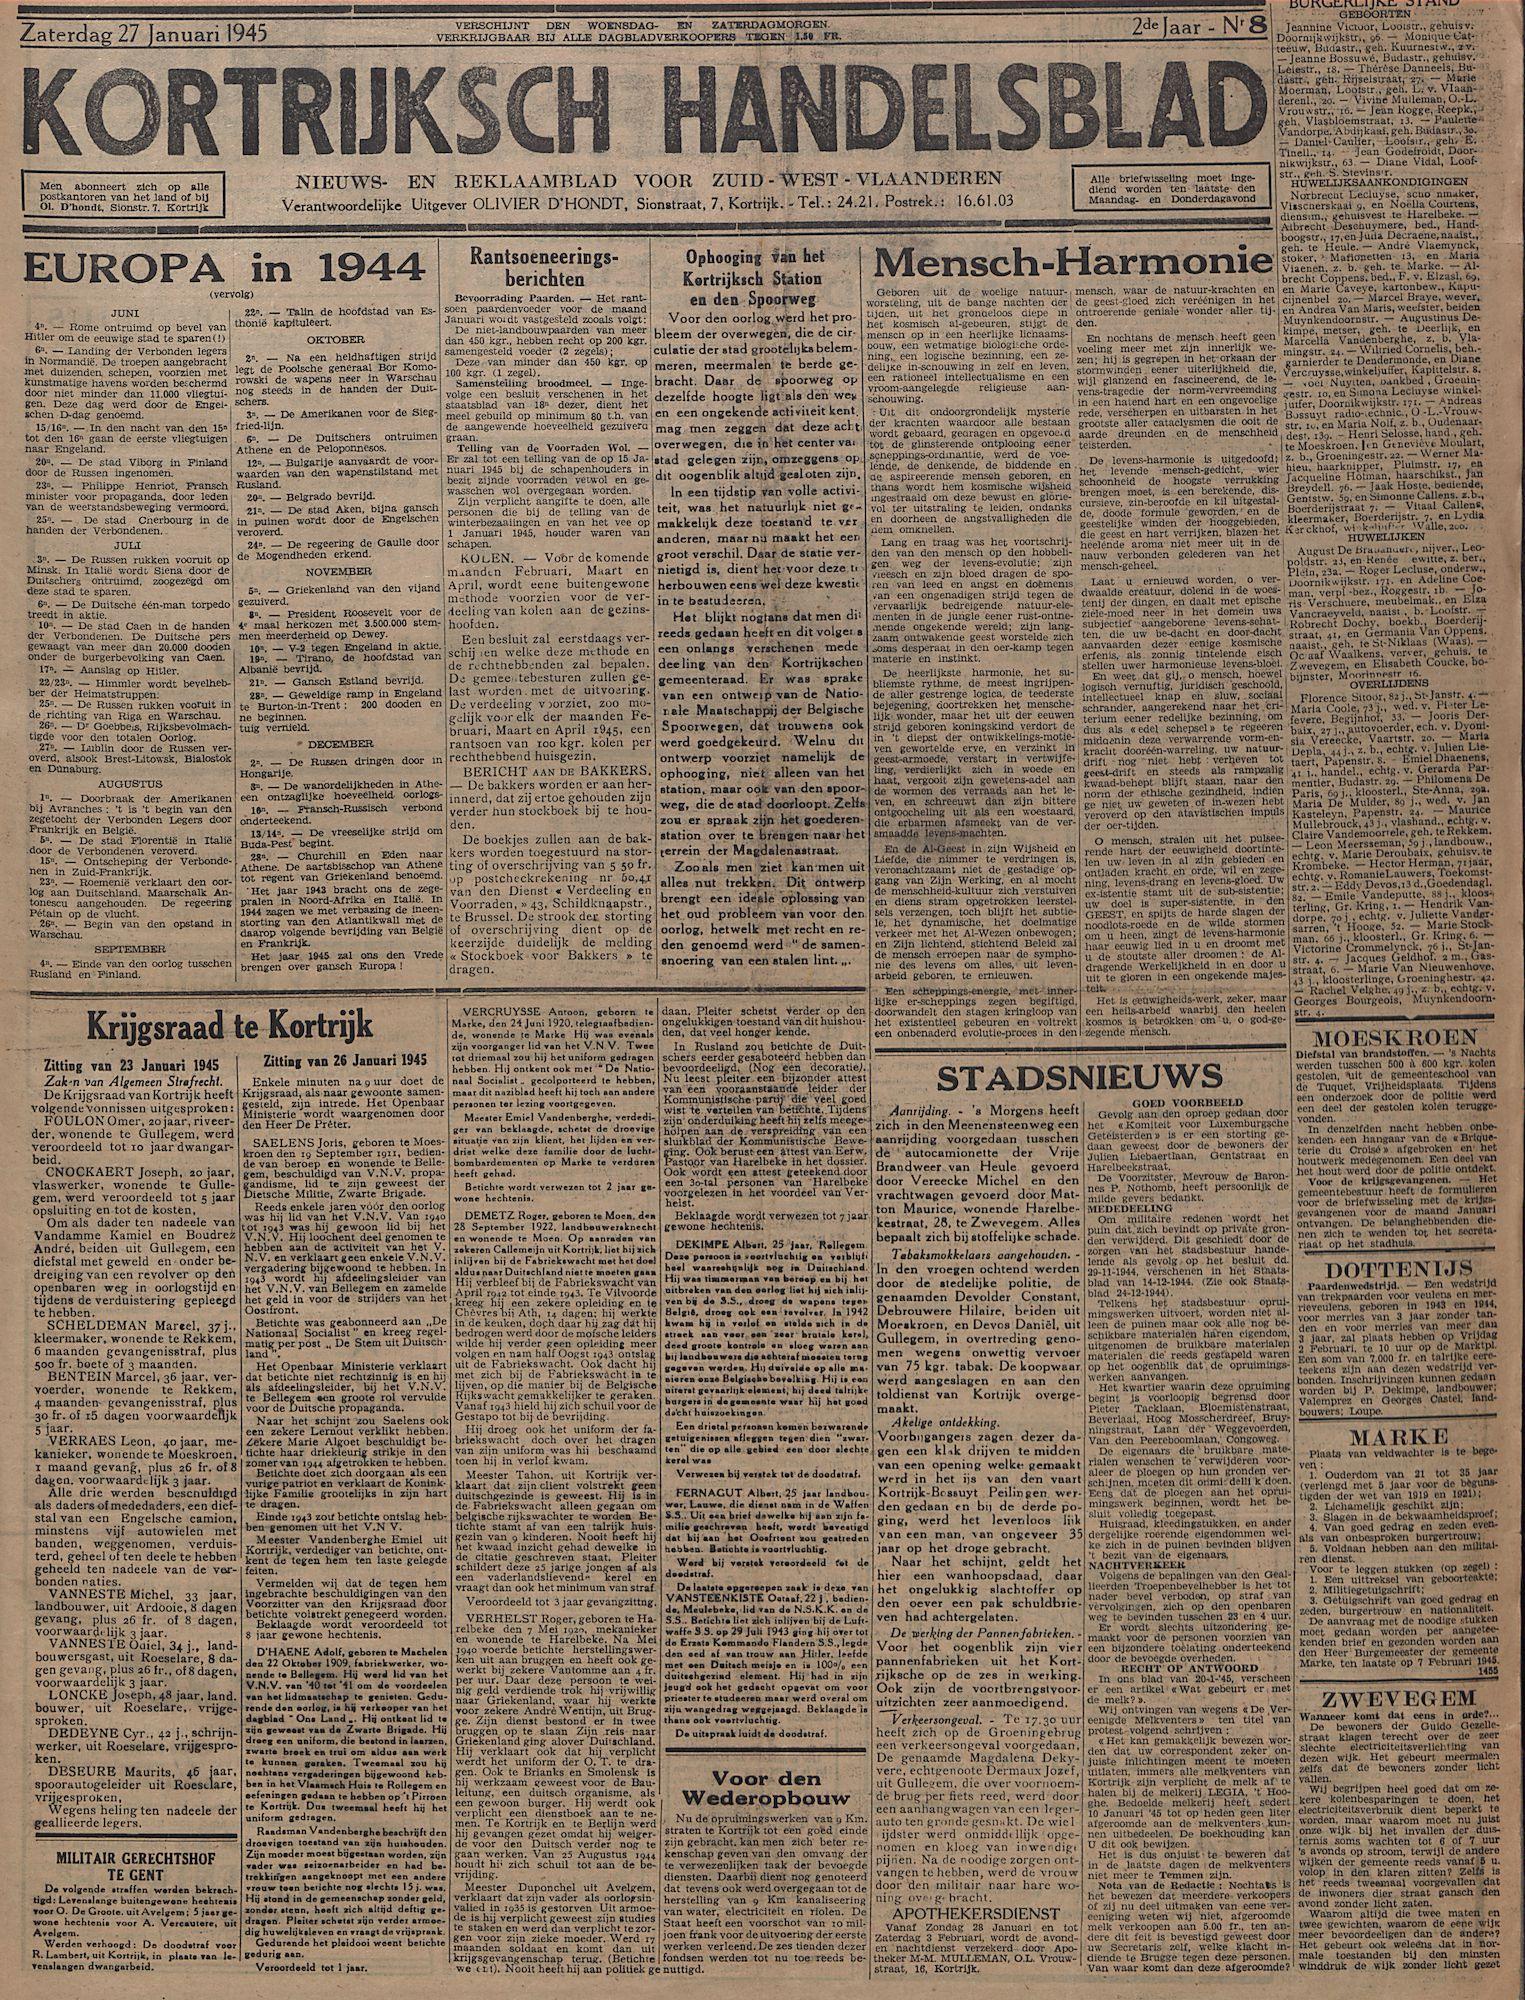 Kortrijksch Handelsblad 27 januari 1945 Nr8 p1